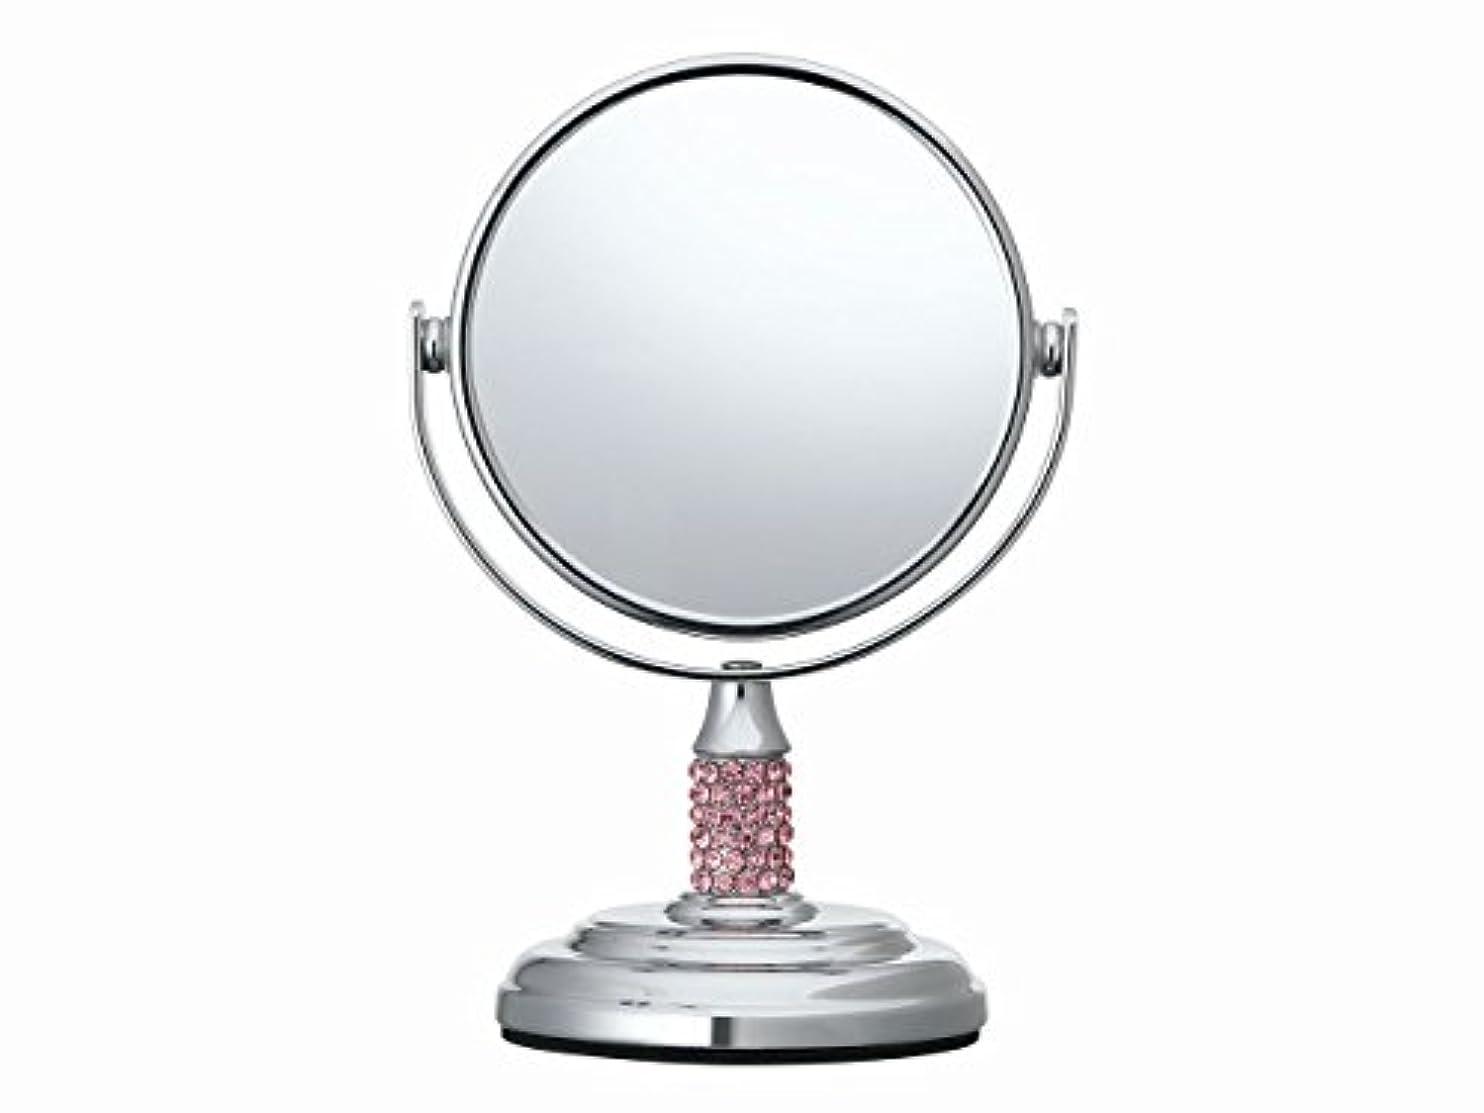 中絶ふりをするタップコイズミ 拡大鏡 サイズφ75mm ピンク KBE-3051/P